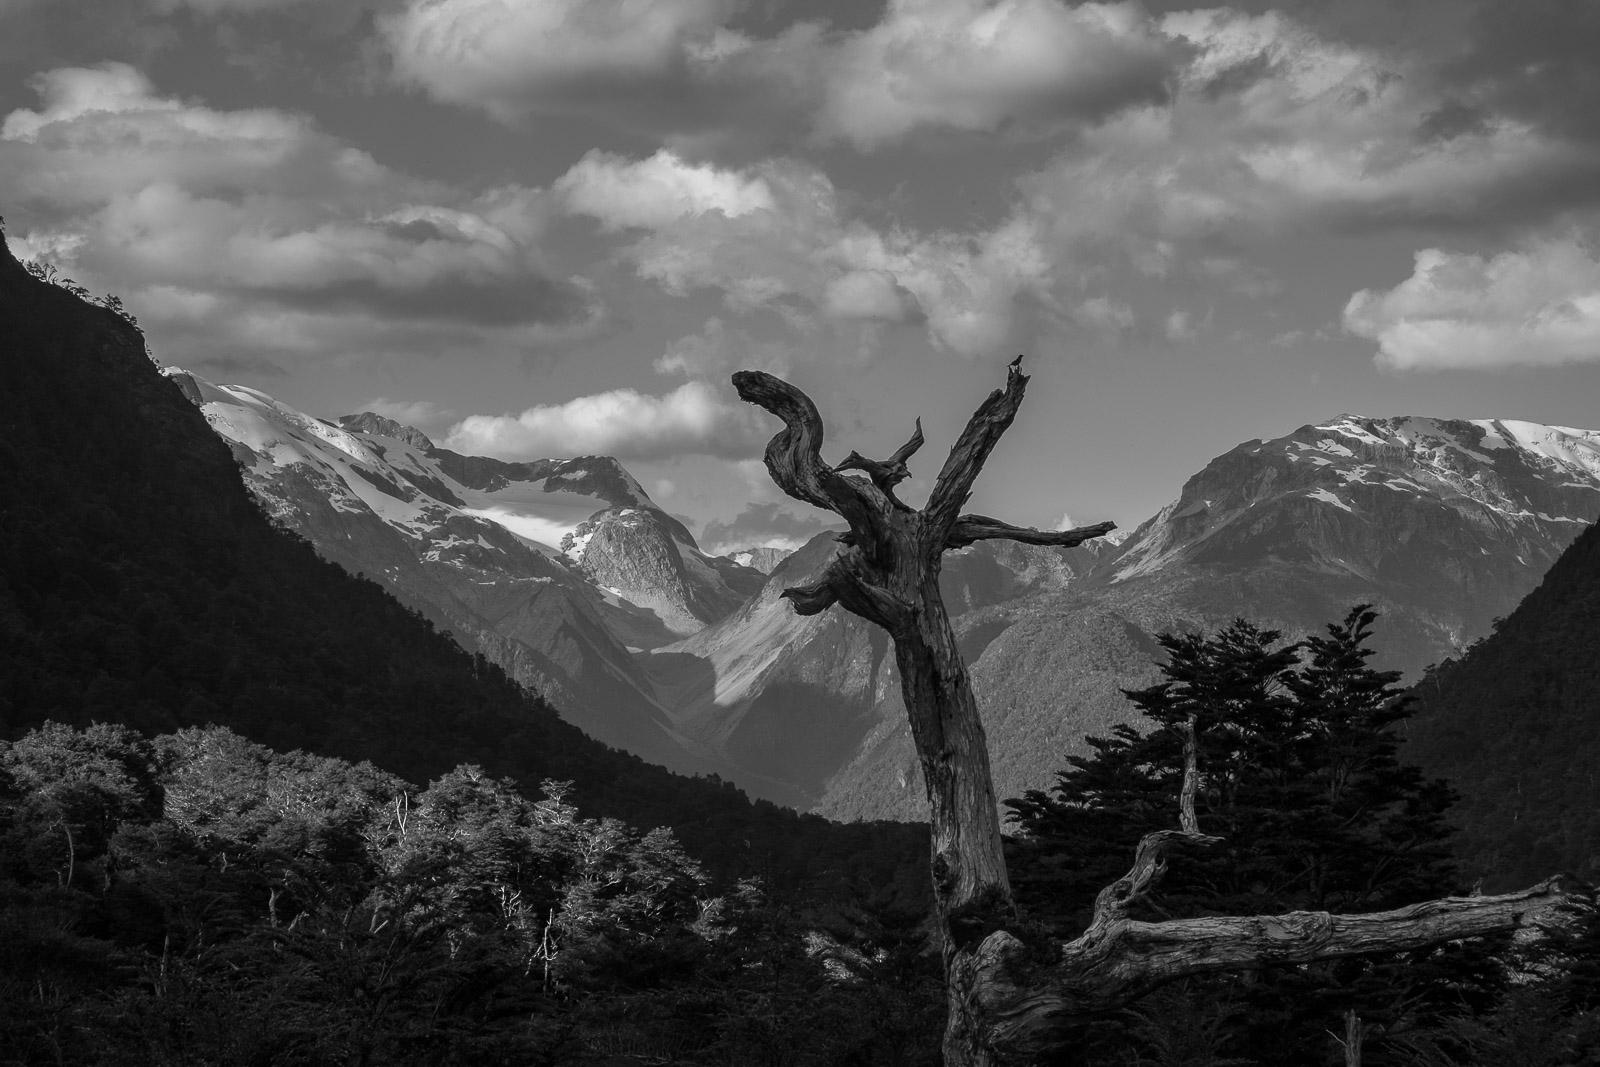 El Lobo, Parque Nacional Queulat, Carretera Austral. Aysén. - Aysén - Eduardo Cerda. Fotografías de Aysén.Chile.